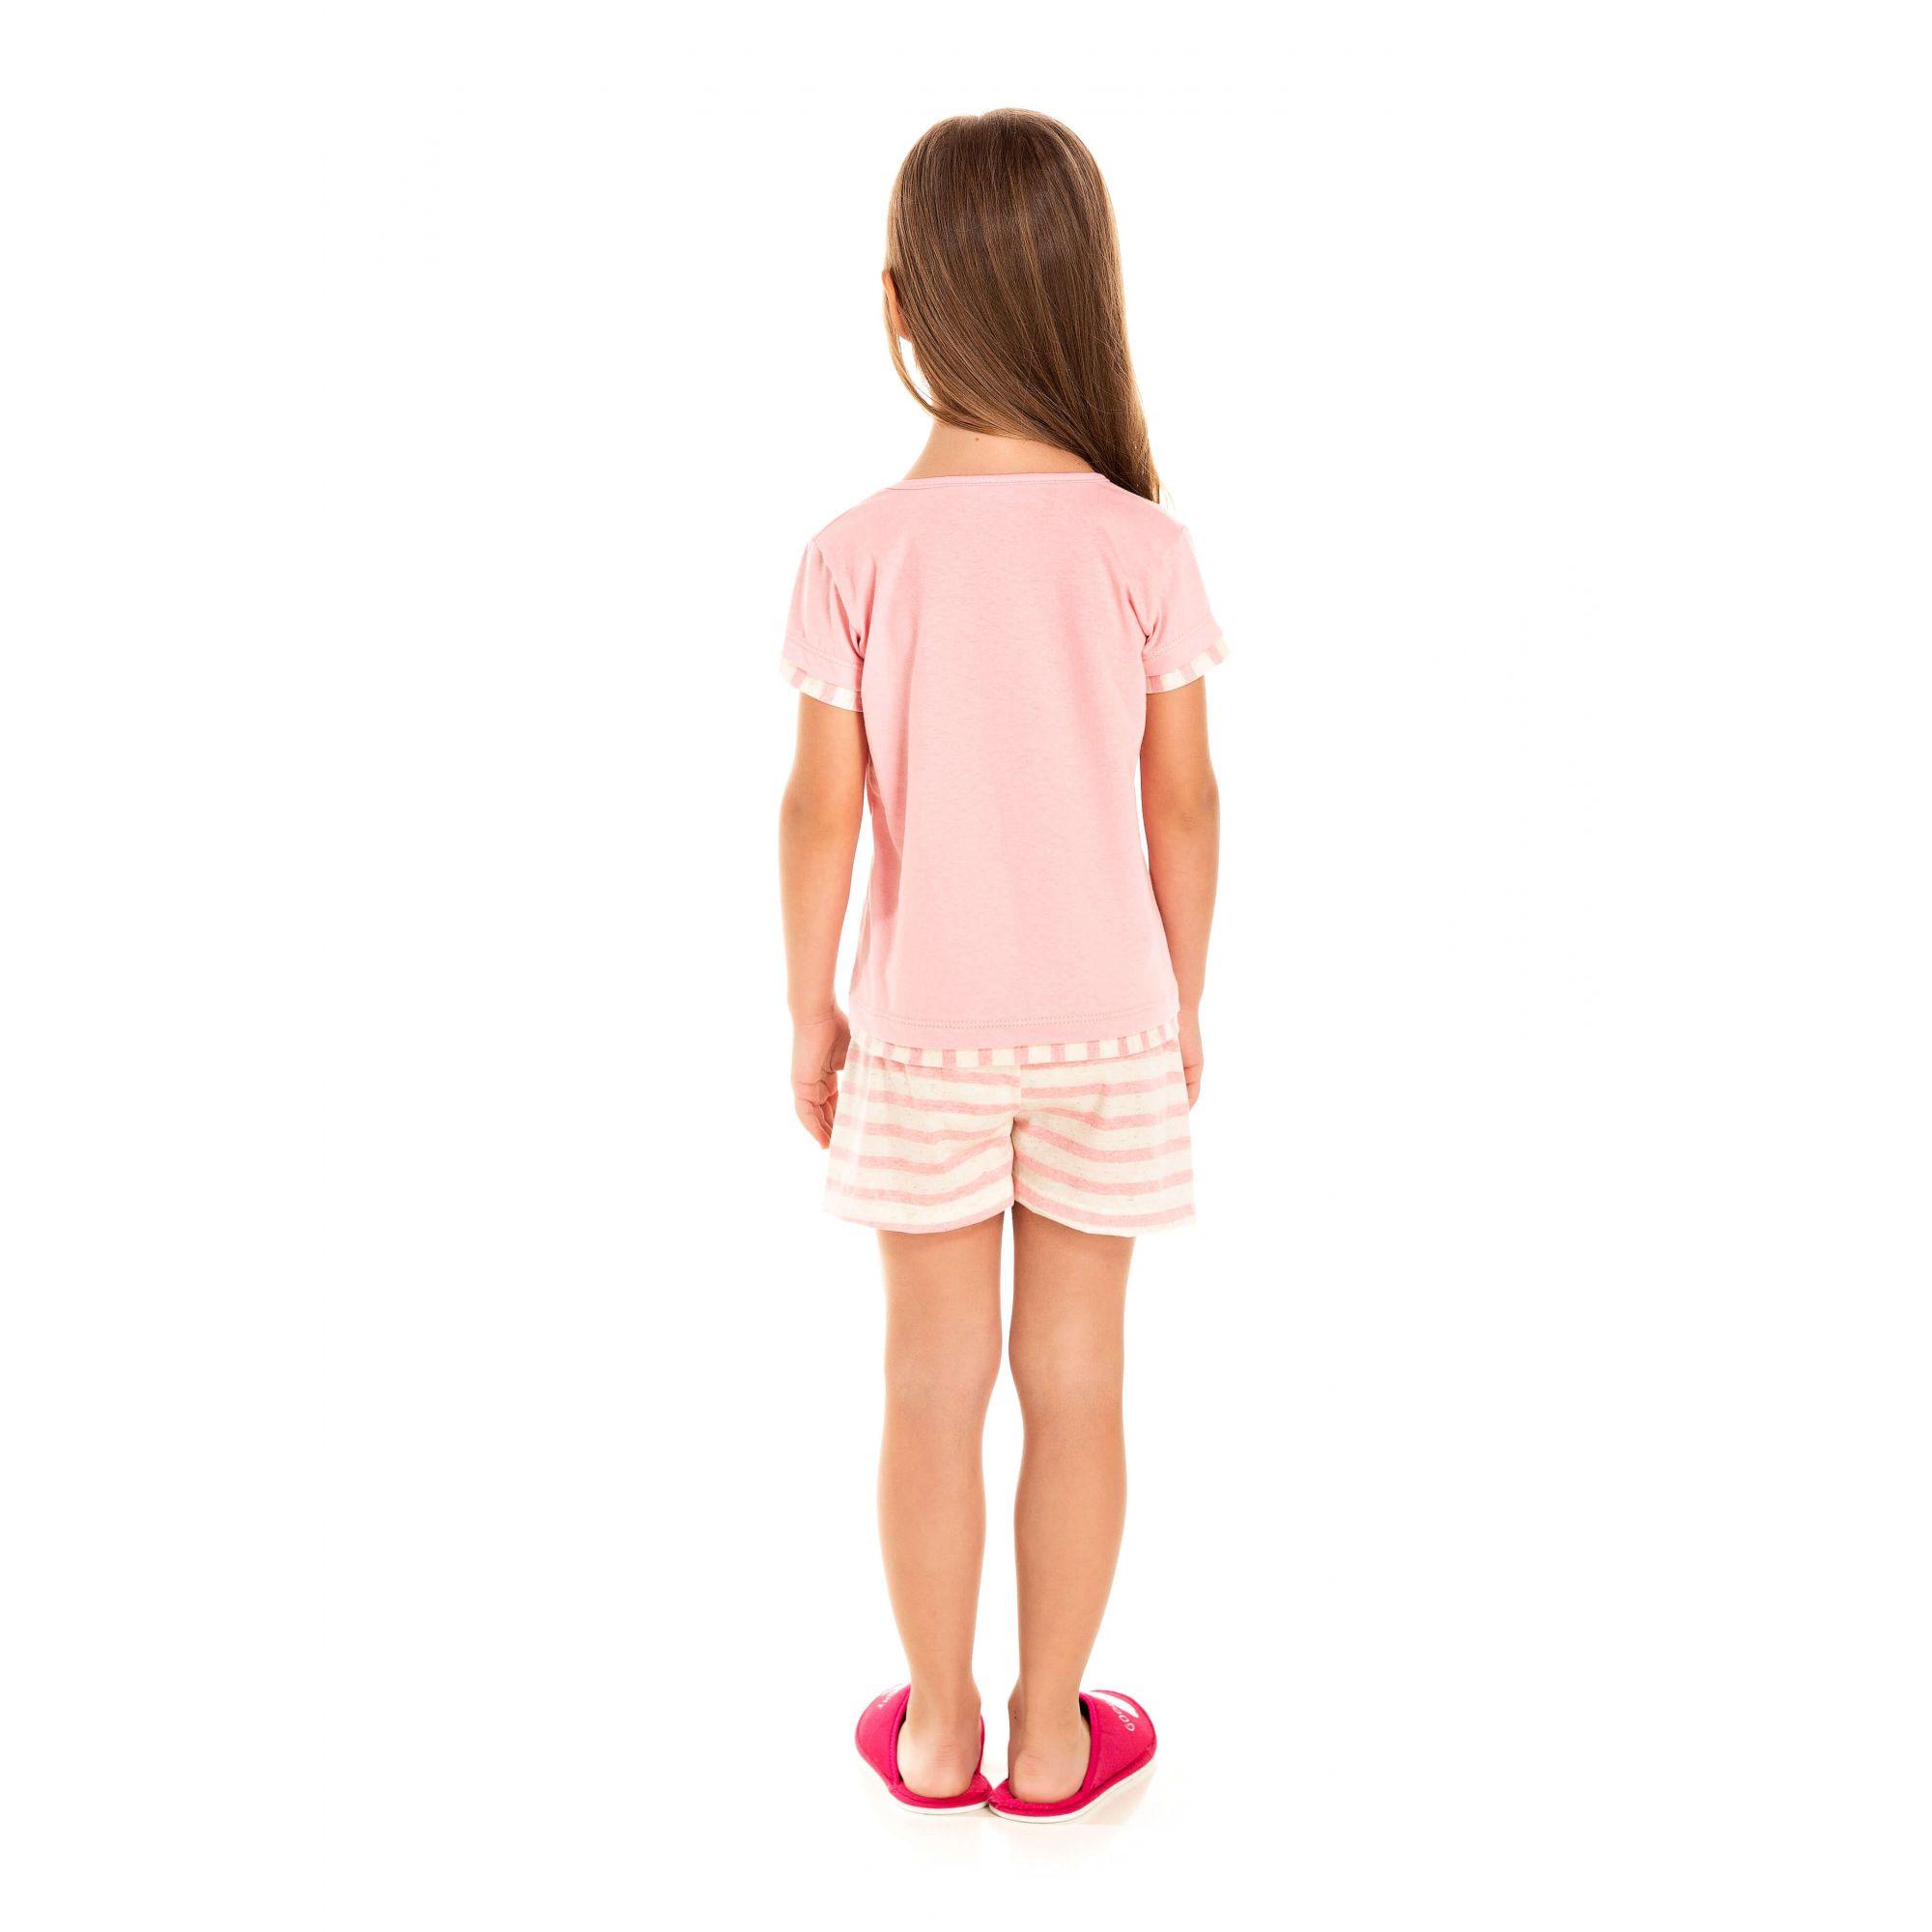 105/F - Short Doll Infantil Feminino Sorvete